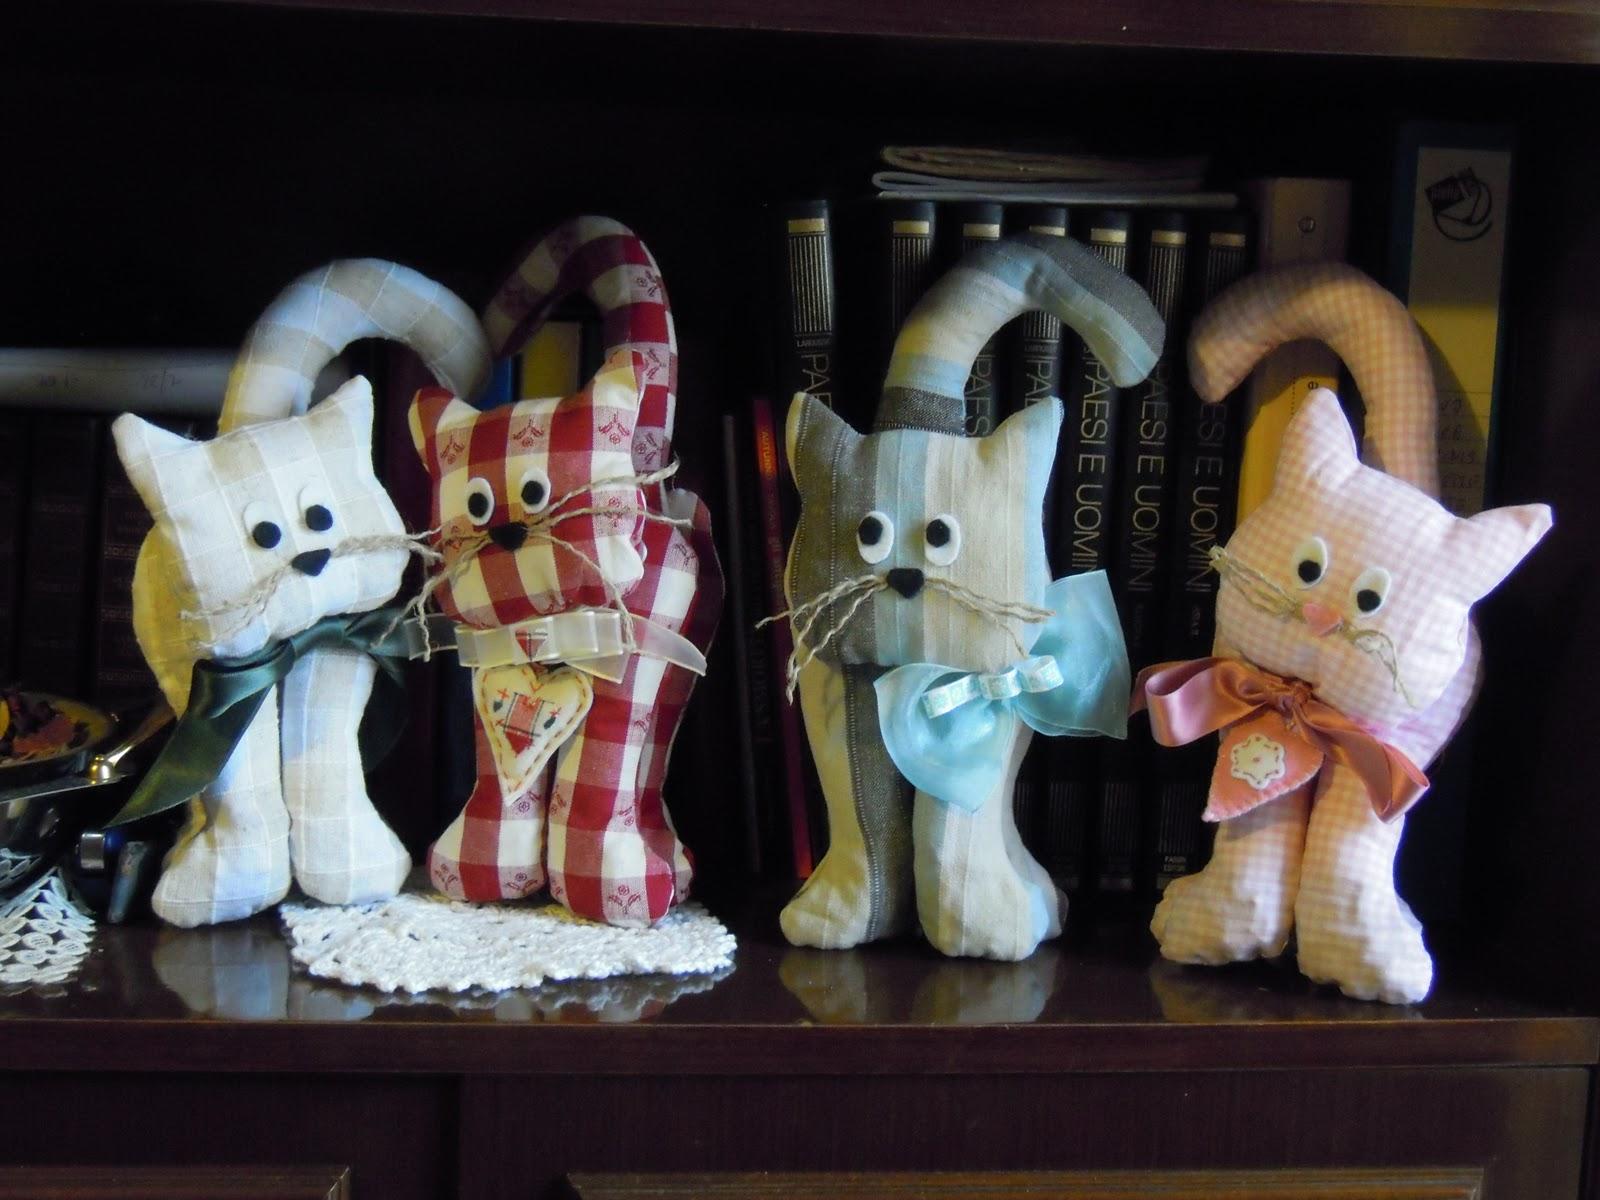 Mds magie di stoffa gatti ferma porta libri o solo - Porta per gatti ...